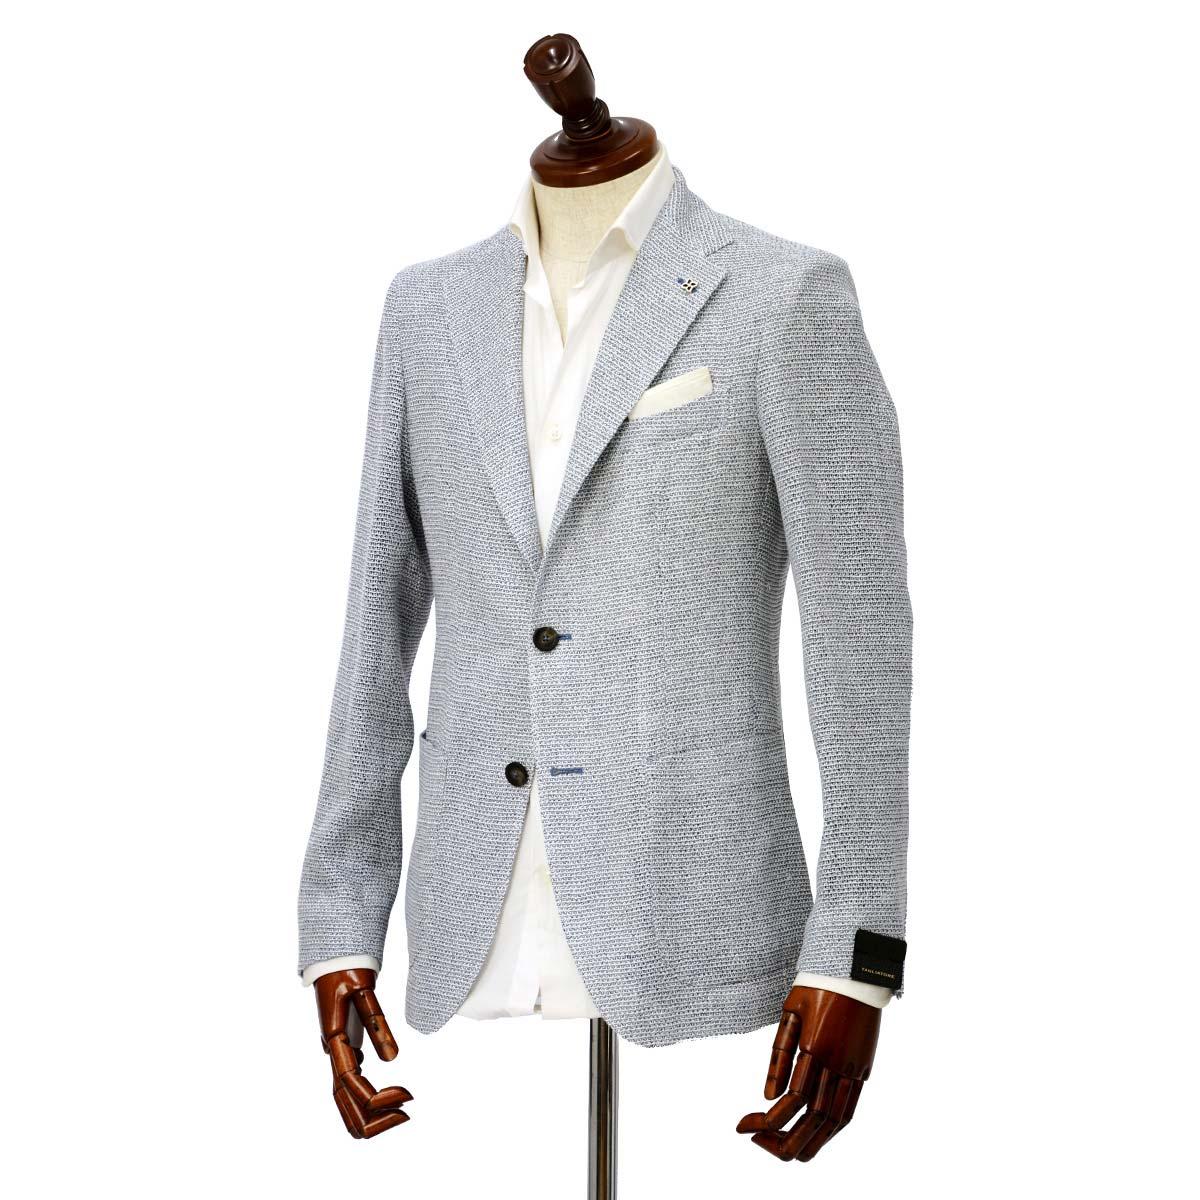 先行販売 早得 【袖修理無料】TAGLIATORE【タリアトーレ】シングルジャケット G-DAKAR 85UEG046 I1021 ダカール シルク リネン ブルー